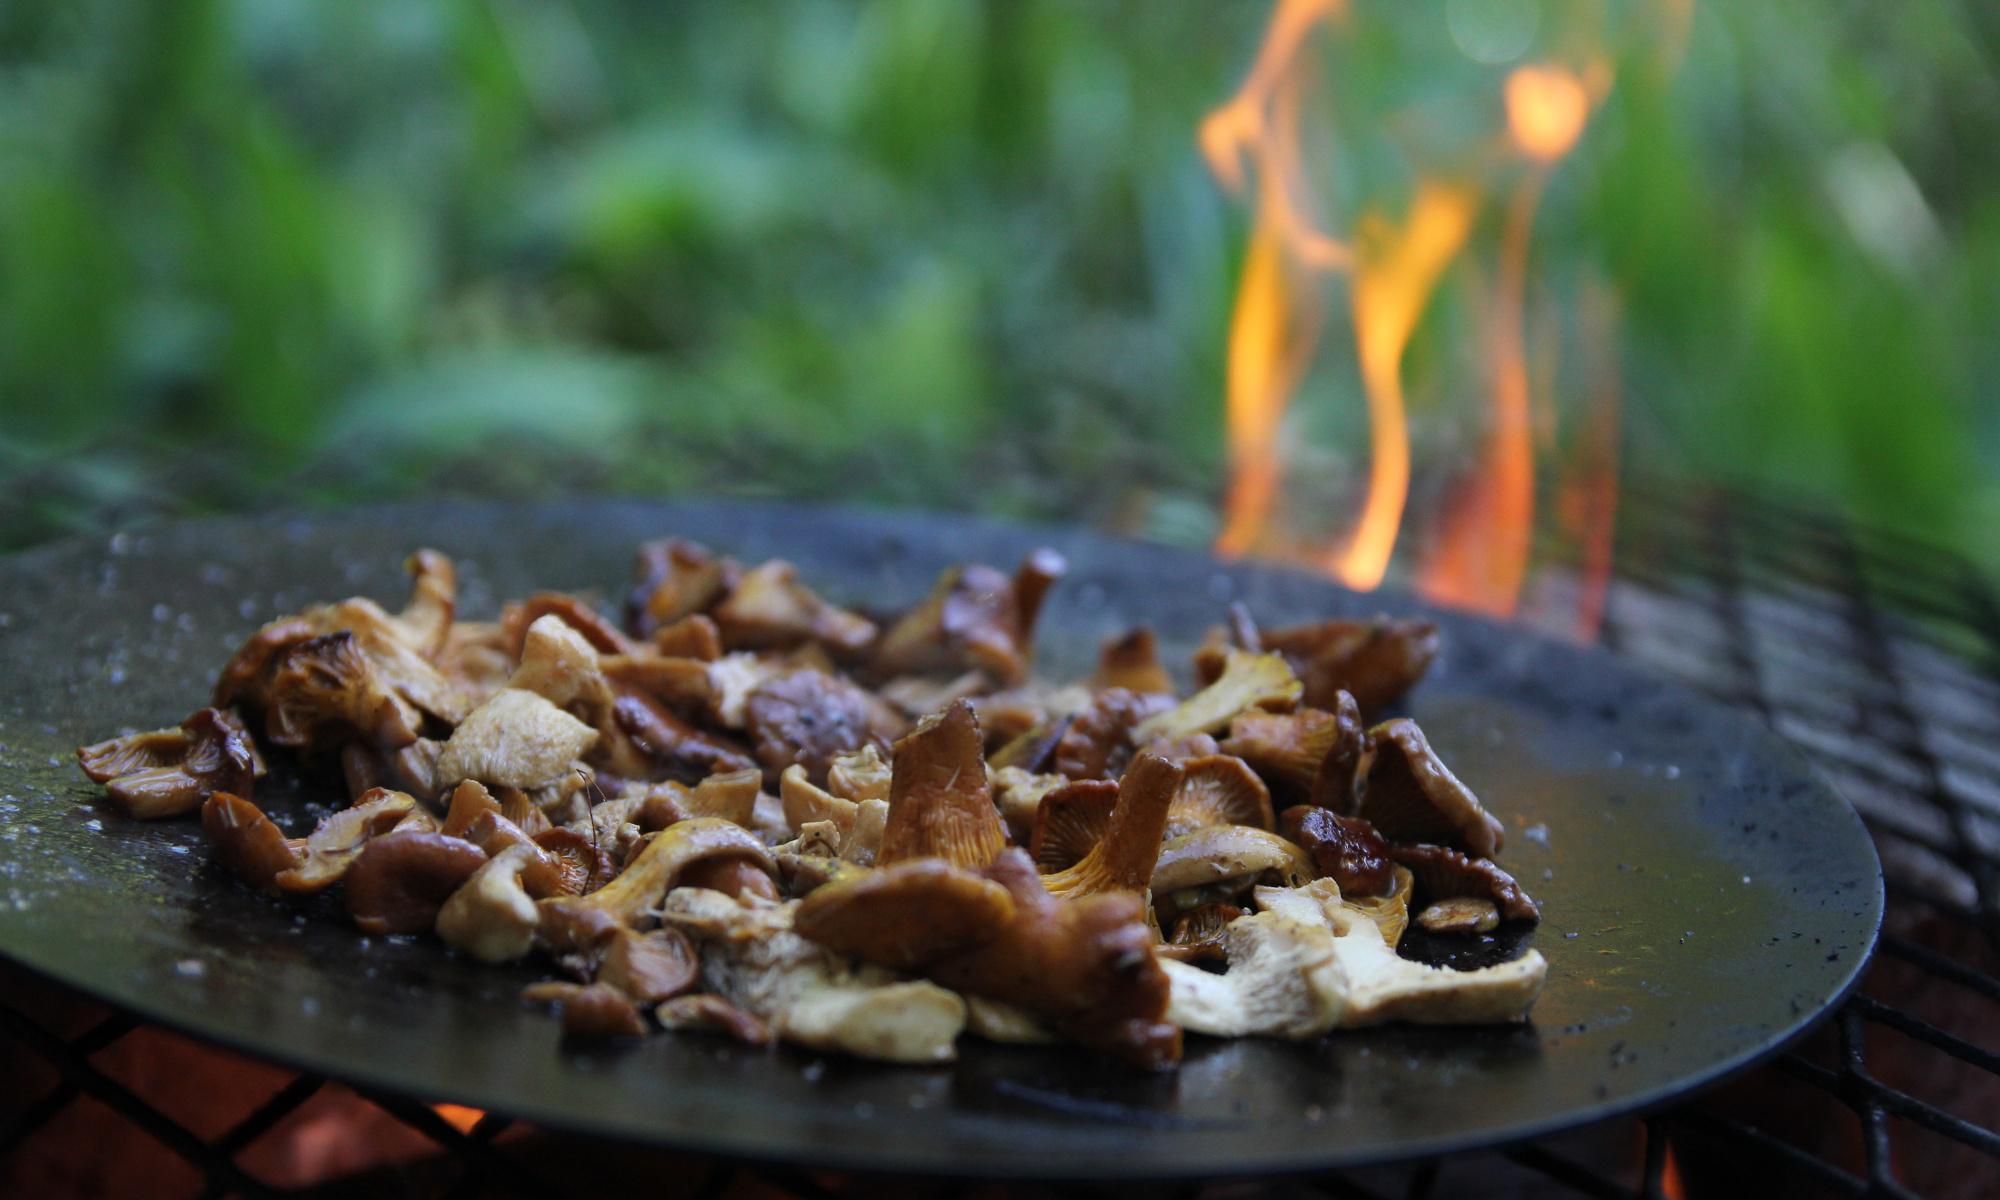 Mushroom picking in Nuuksio National Park